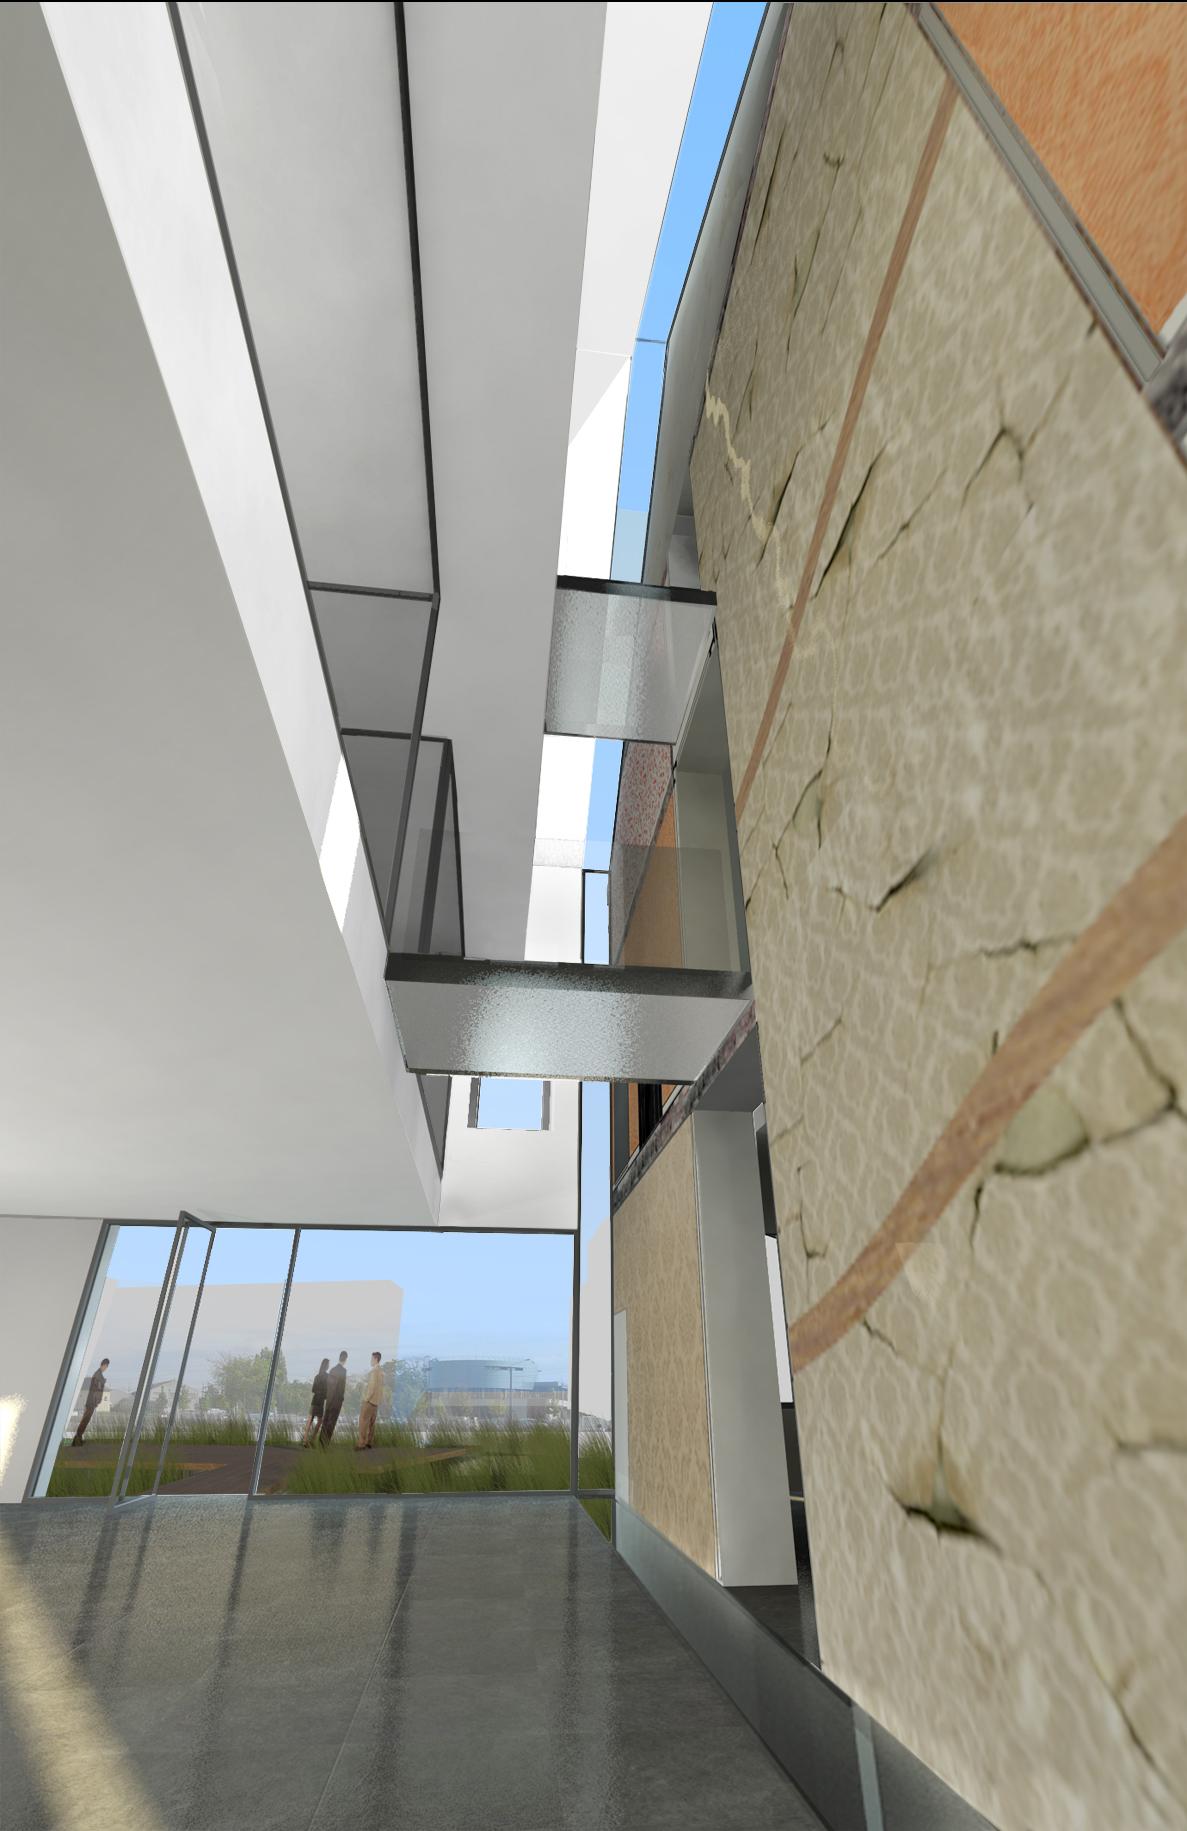 002-croab-ordre-des-architectes-dijon-perspective-intérieure